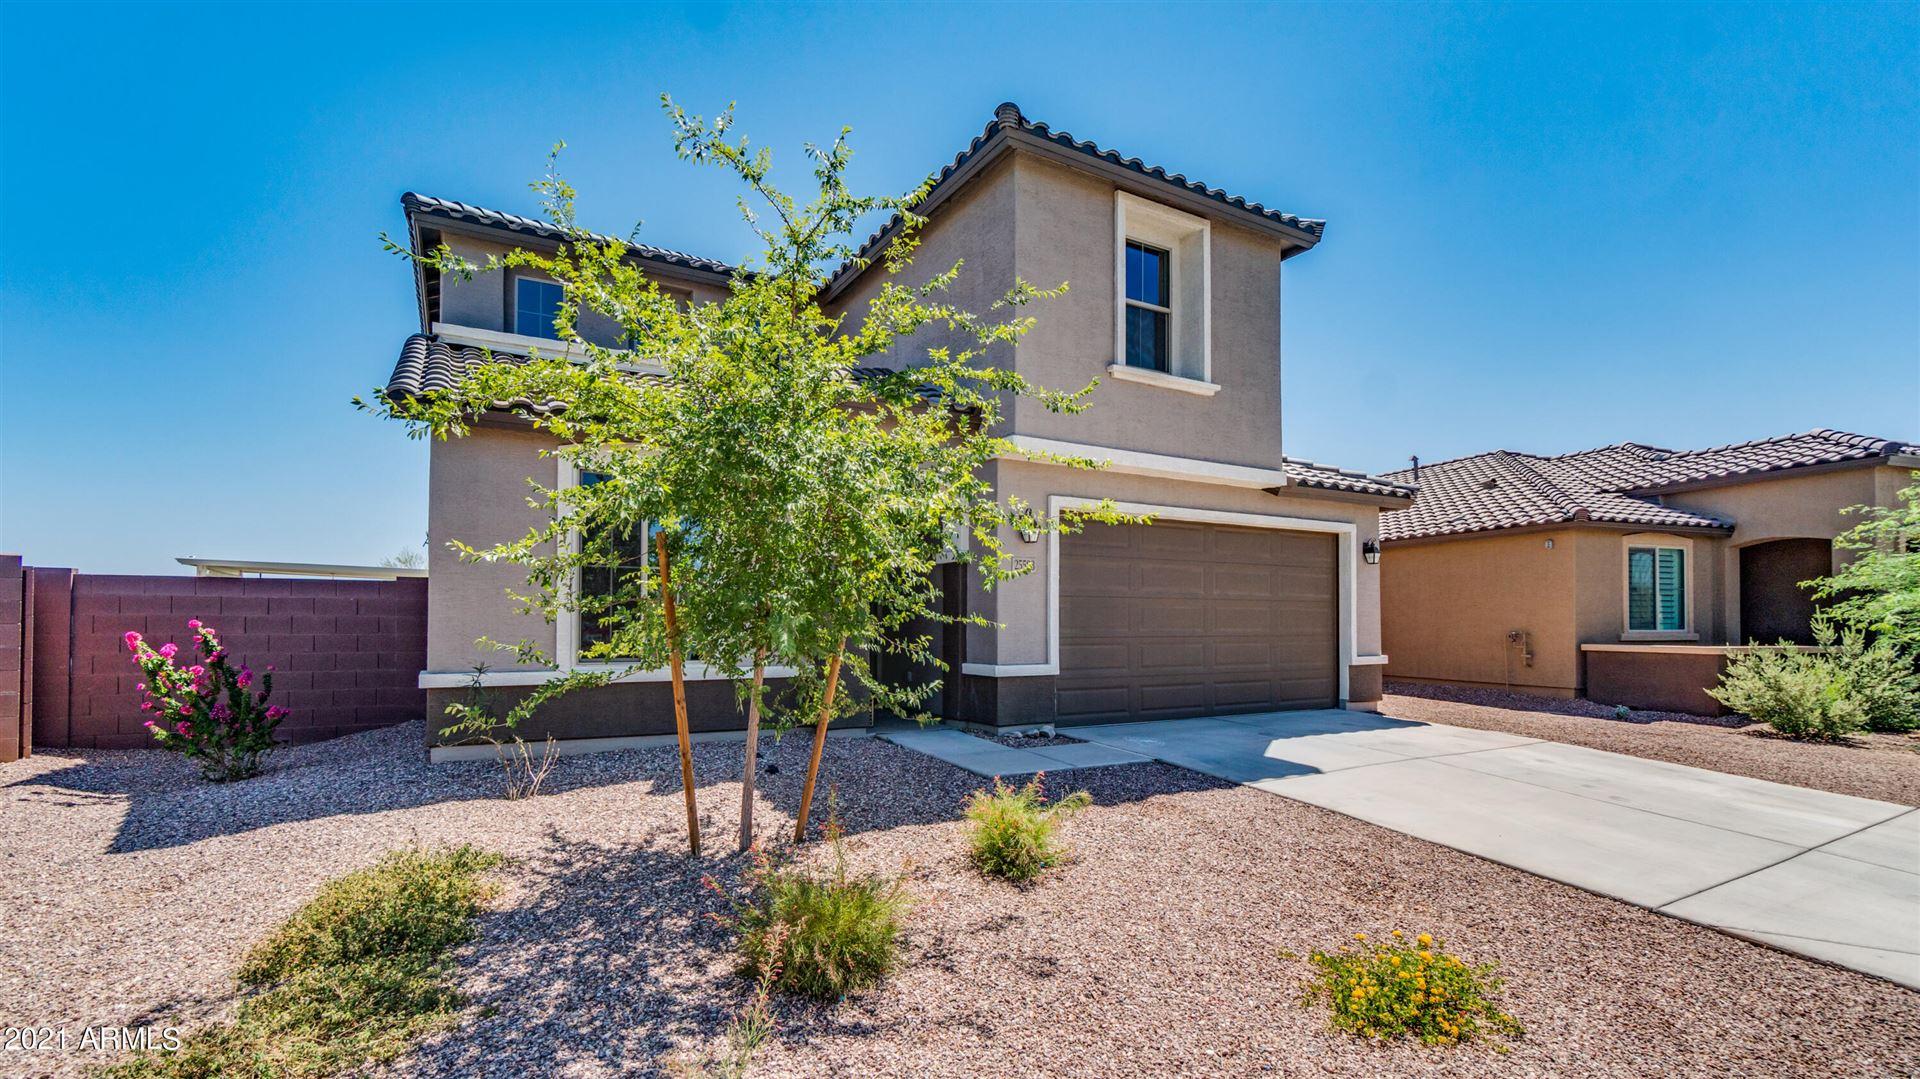 25598 N 162ND Drive, Surprise, AZ 85387 - MLS#: 6266248